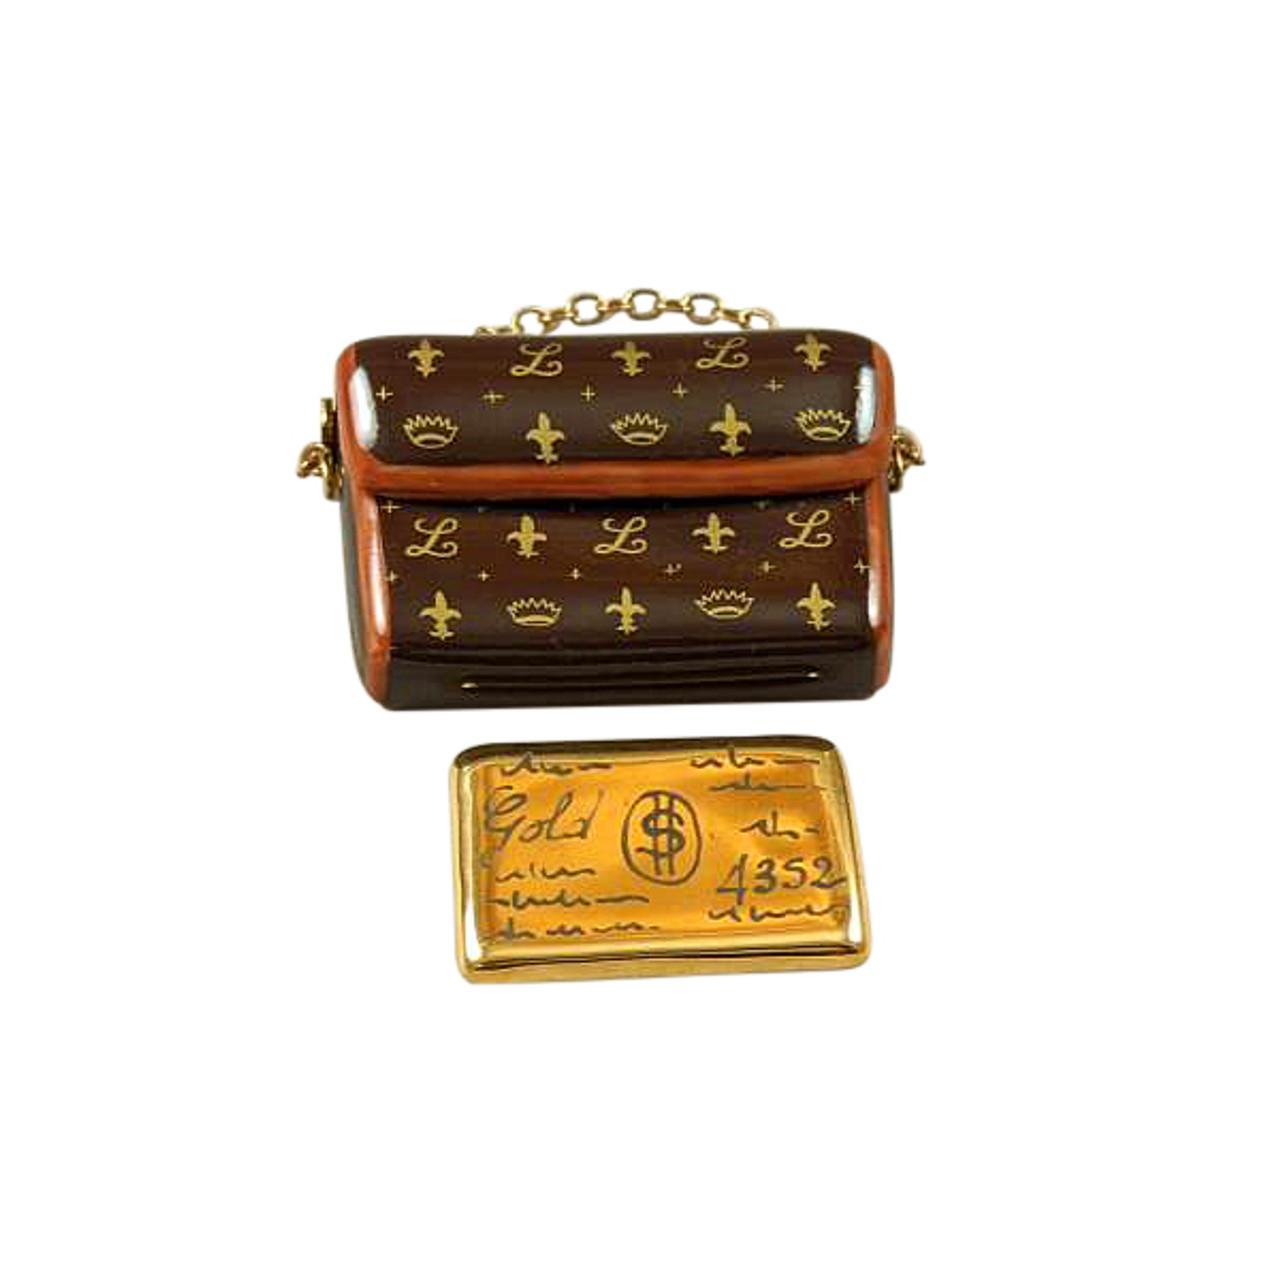 DESIGNER CLUTCH PURSE WITH CREDIT CARD Limoges Box RL204-K